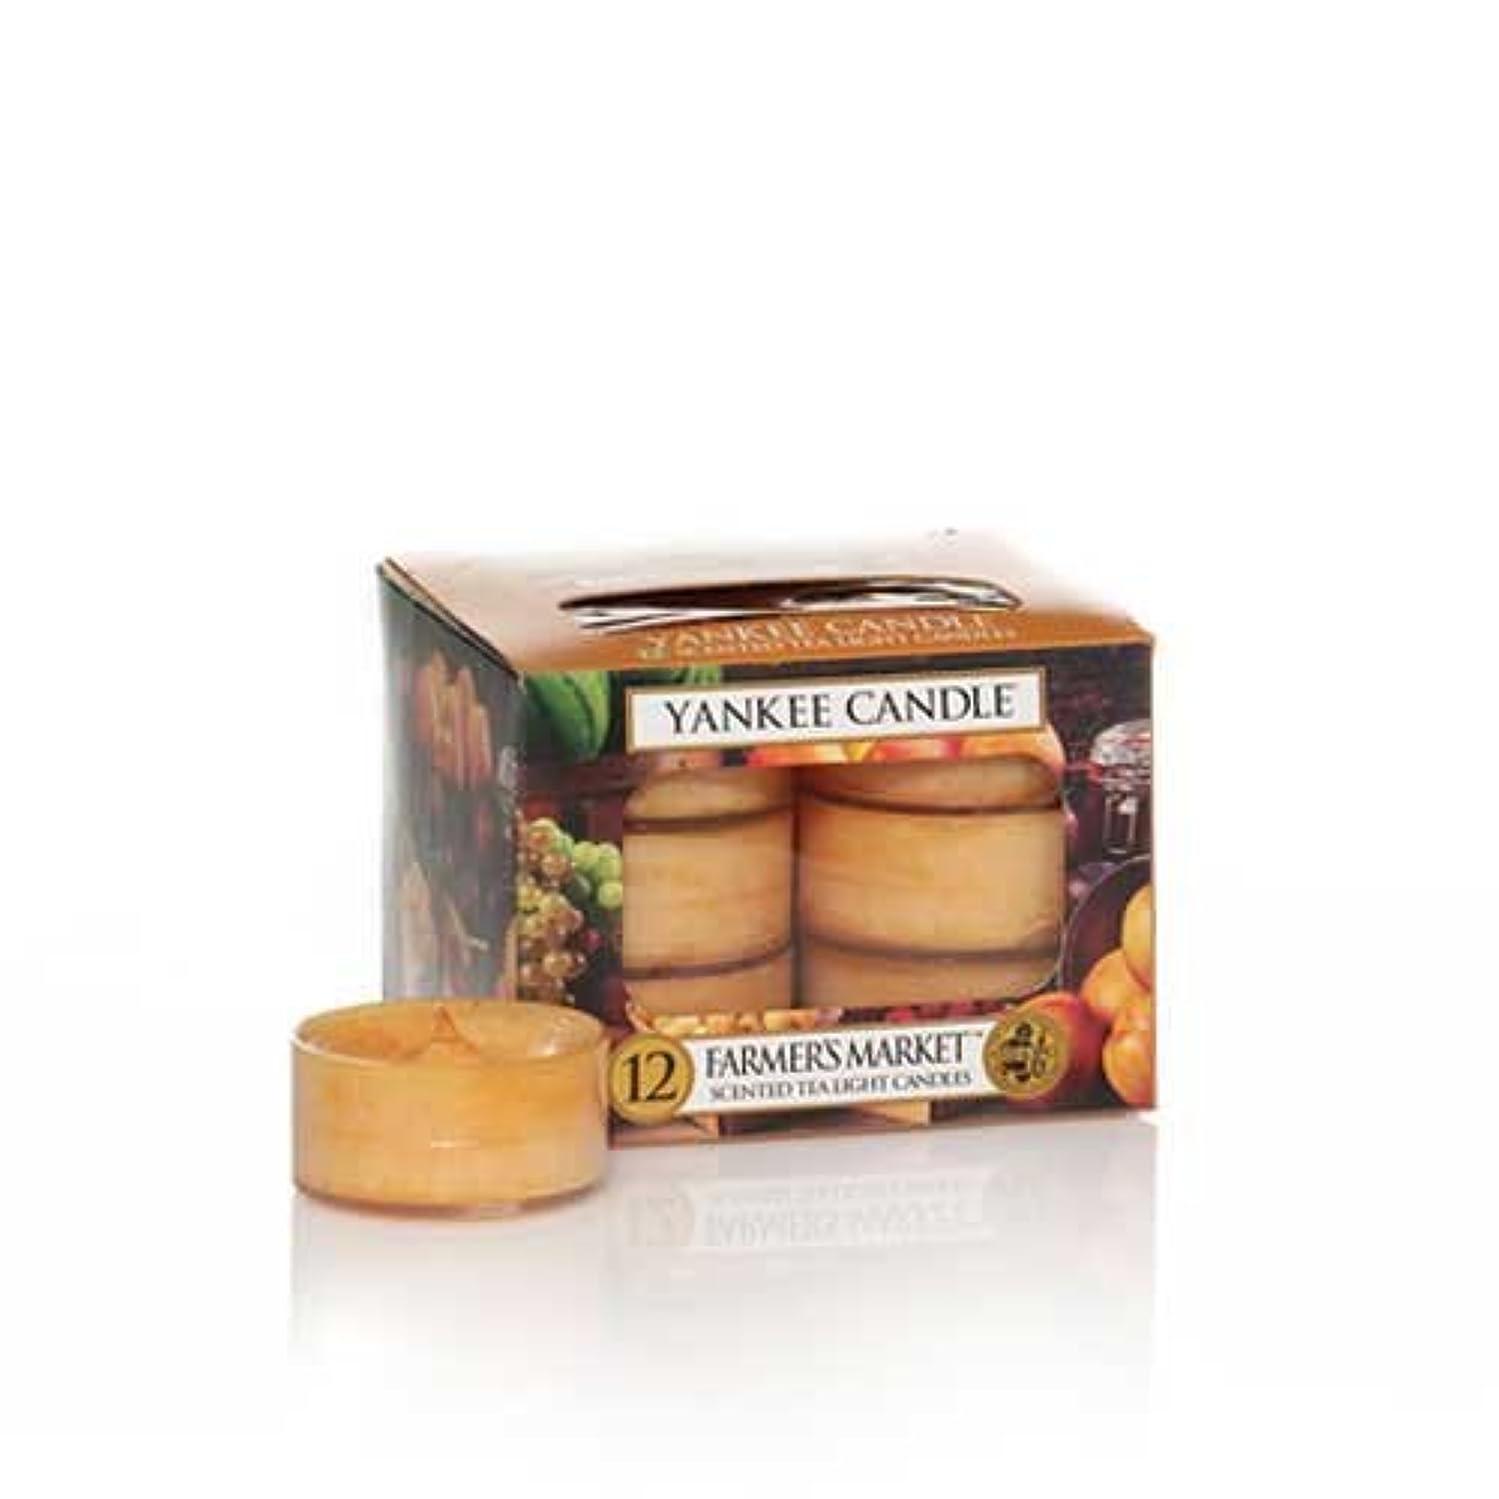 呼び起こす滞在残基Yankee Candle Farmer 's Market, Food & Spice香り Tea Light Candles オレンジ 1163587-YC